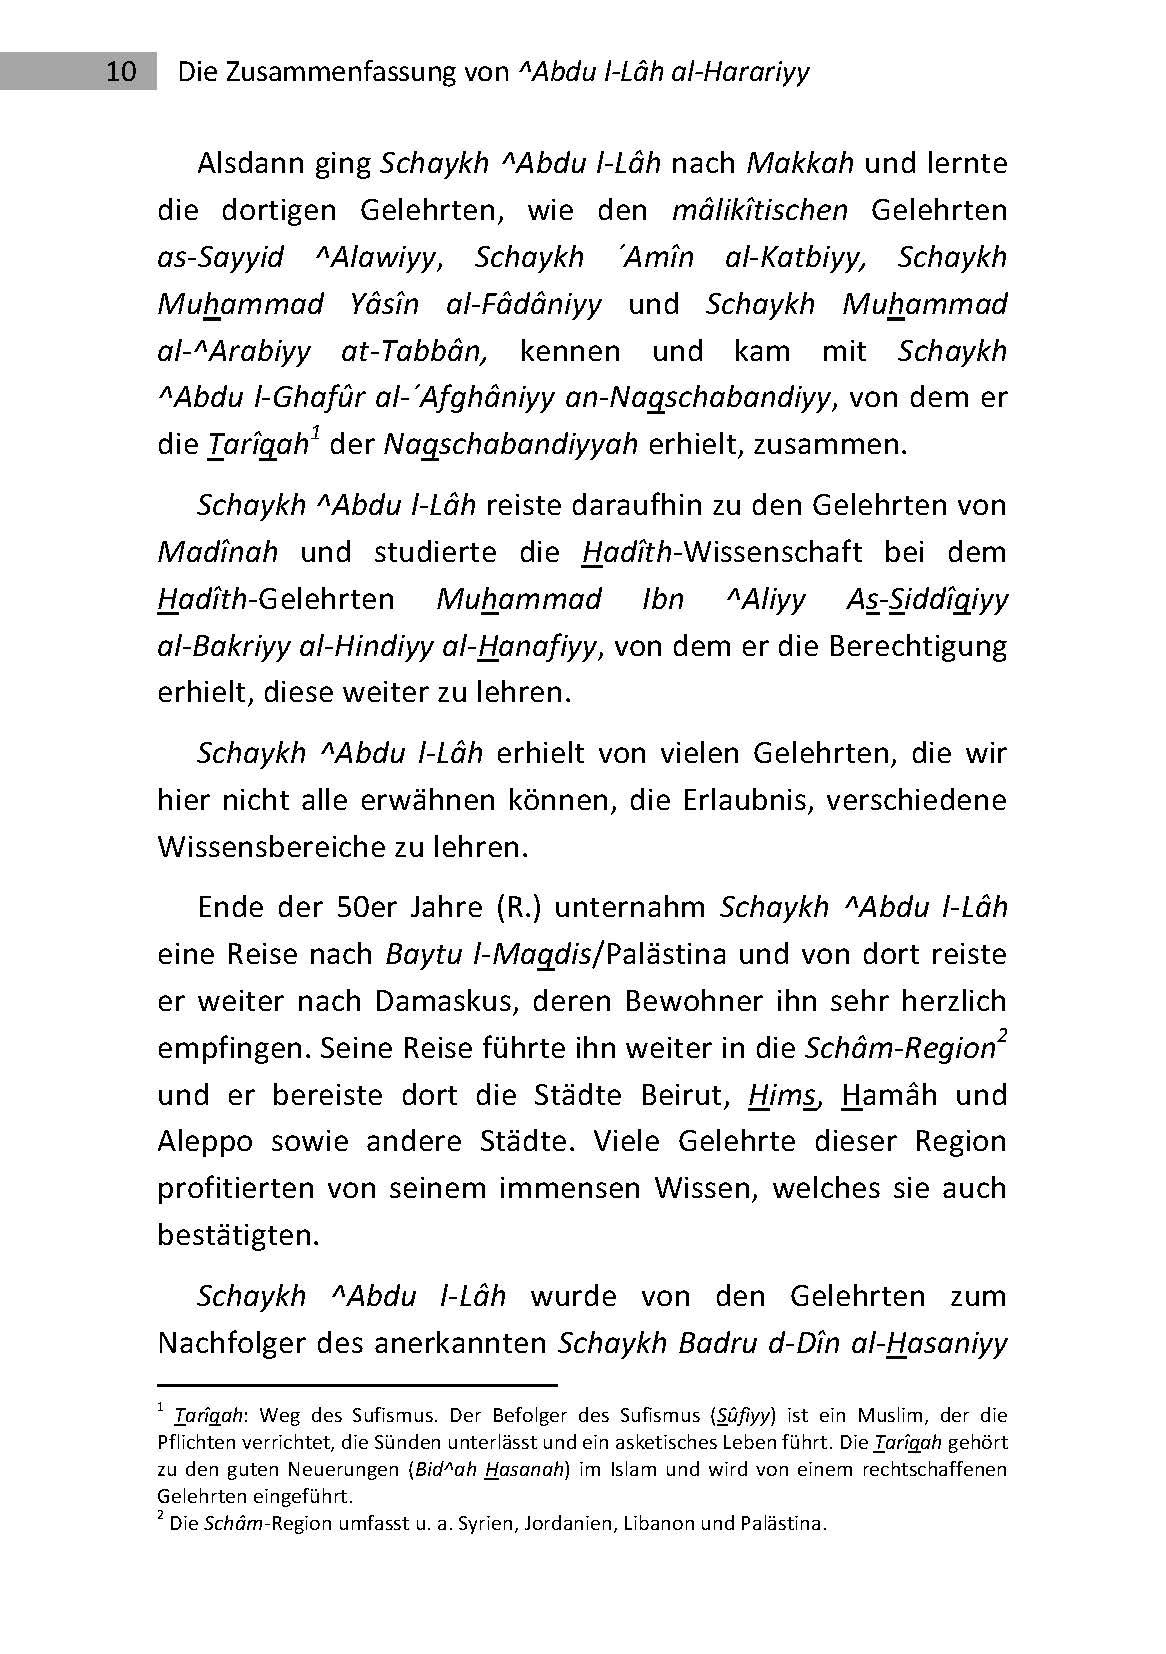 Die Zusammenfassung - 3. Auflage 2014_Seite_10